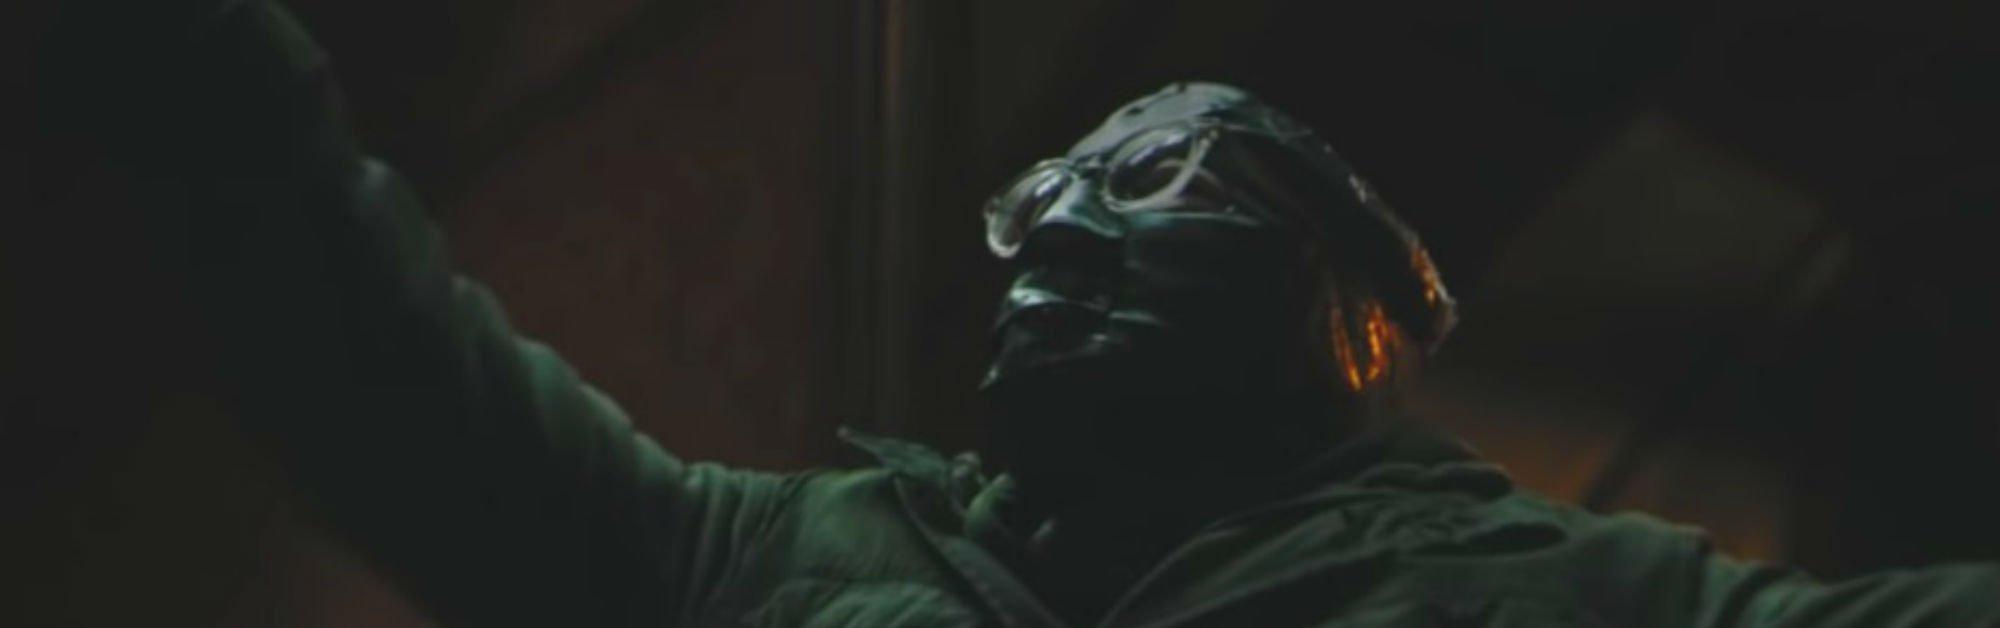 Batman: Paul Dano's Riddler looks like the Zodiac Killer (artwork)